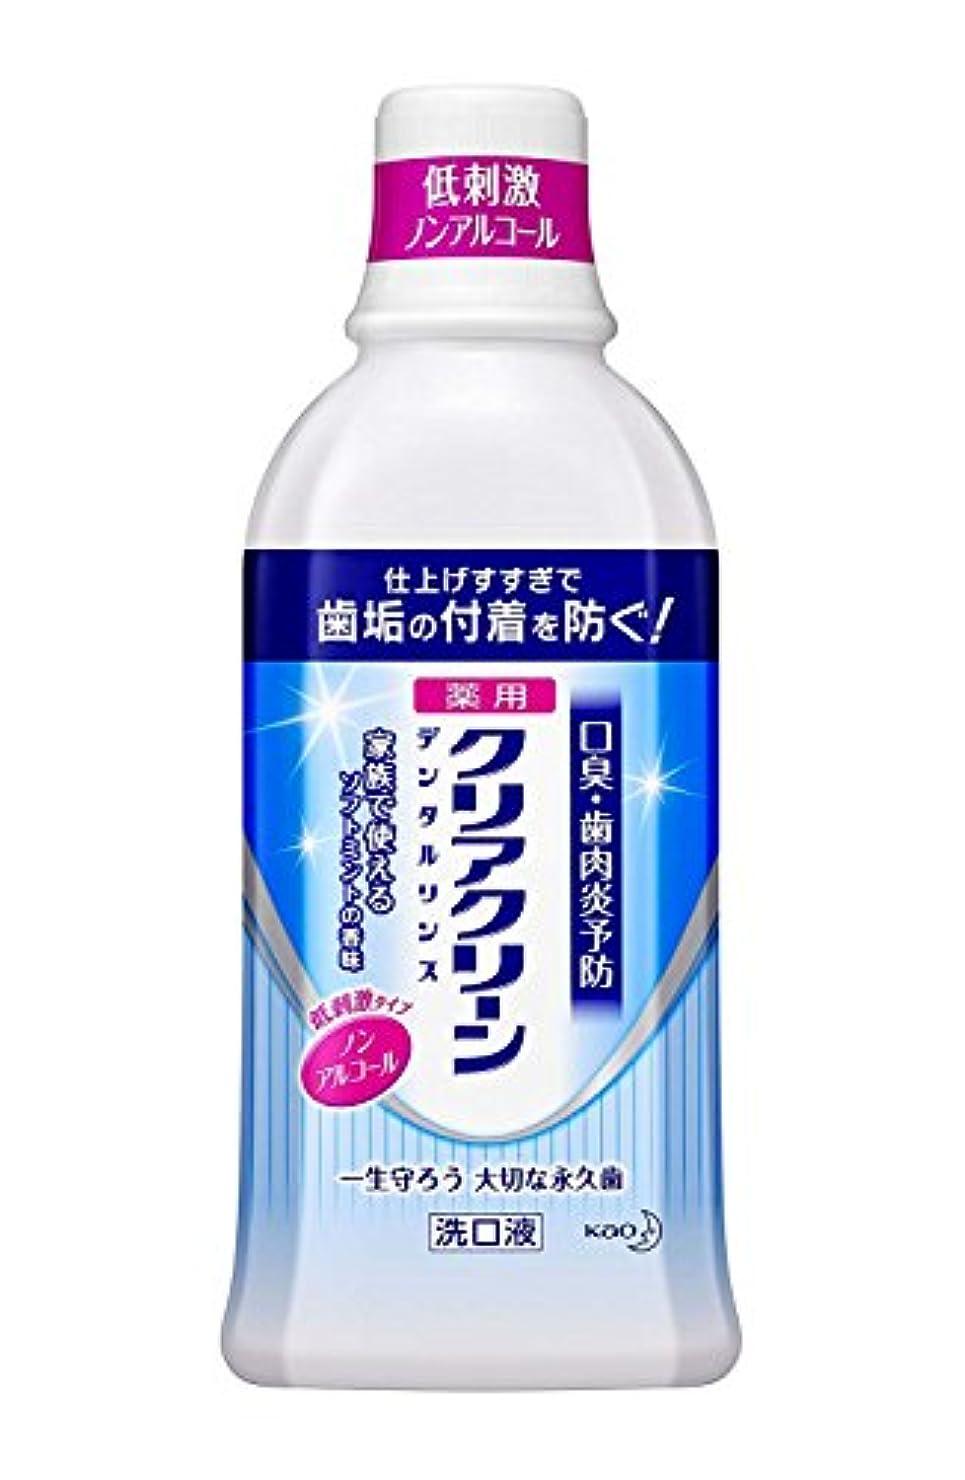 助手襲撃大腿【花王】クリアクリーン デンタルリンスノンアルコール (600ml) ×10個セット